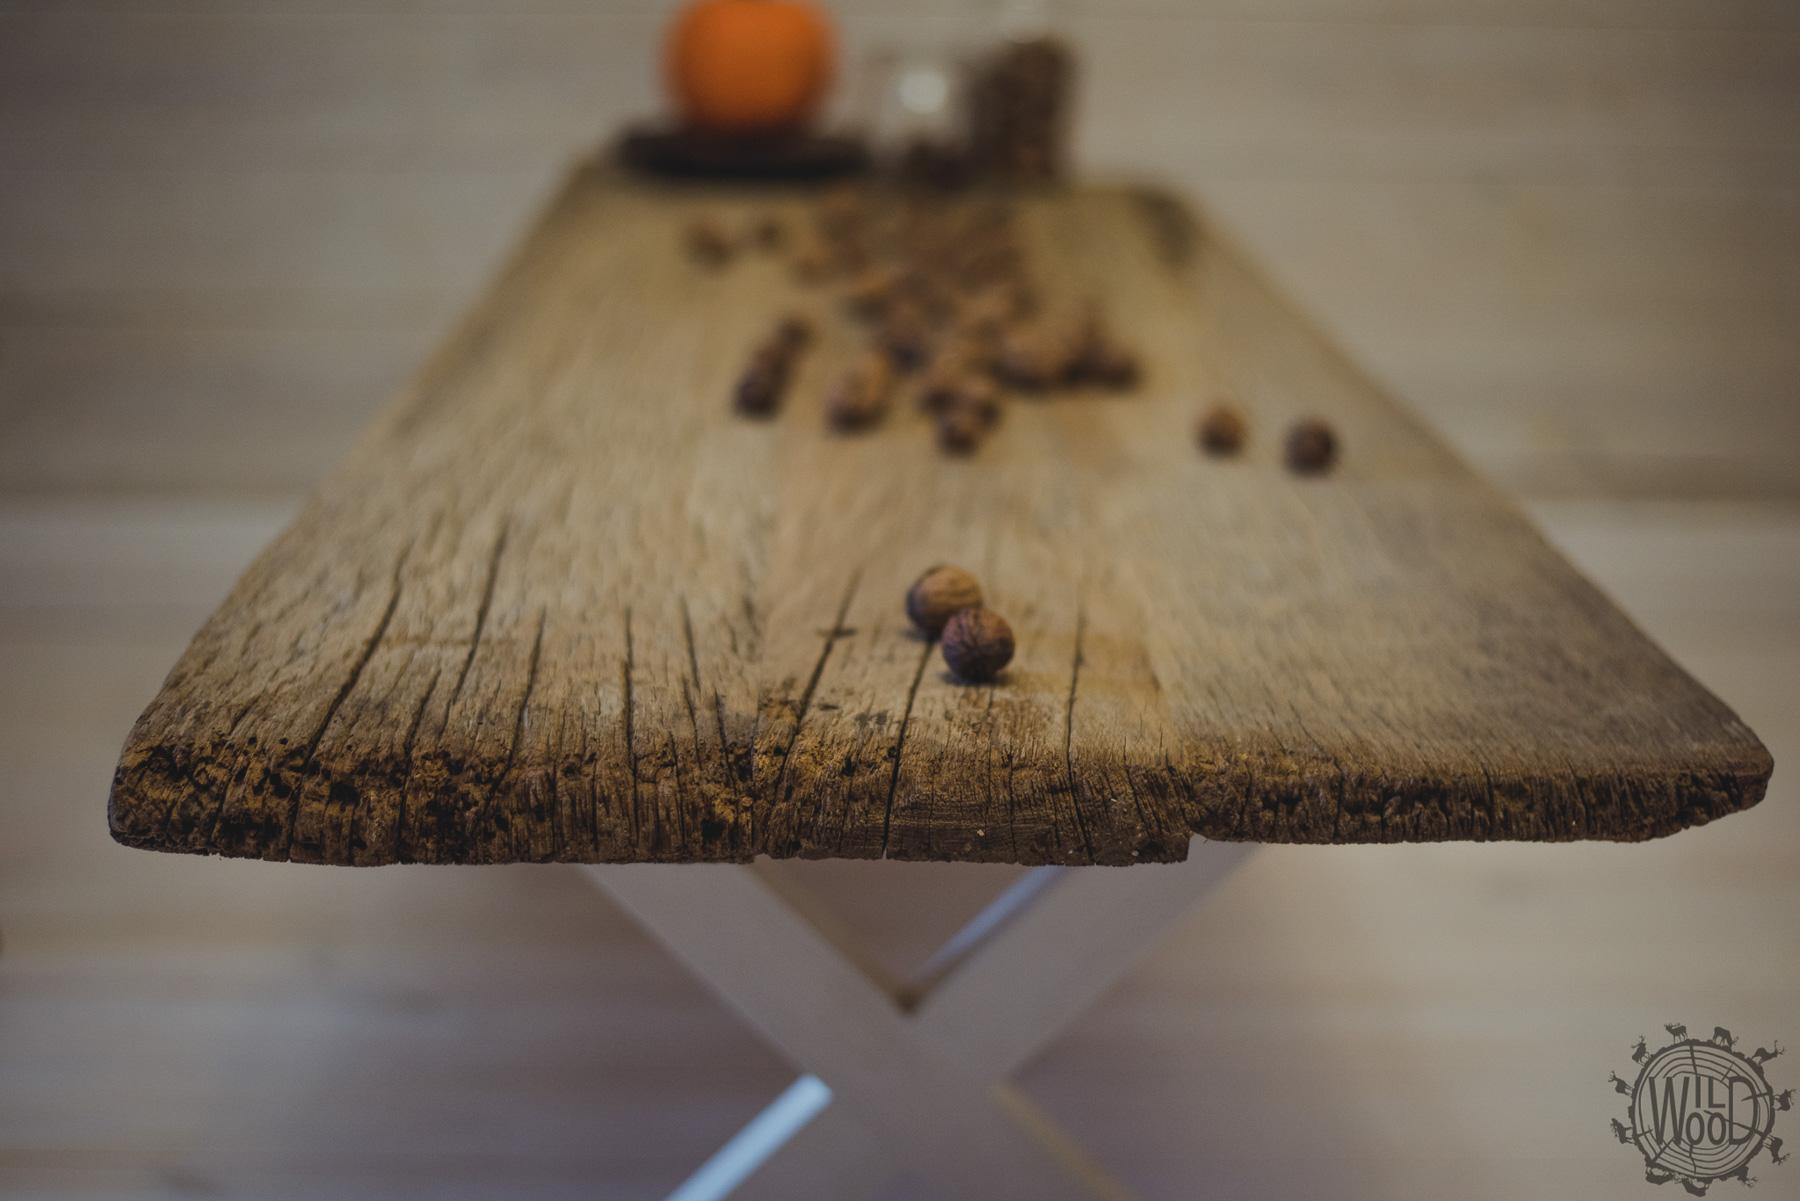 stolarz białystok, nietypowe meble białystok, usługi stolarskie podlaskie, wildwood. usługi stolarskie białystok, stolarz podlaskie, meble ze starego drewna, stół dębowy białystok knyszyn, stół z dębu białystok